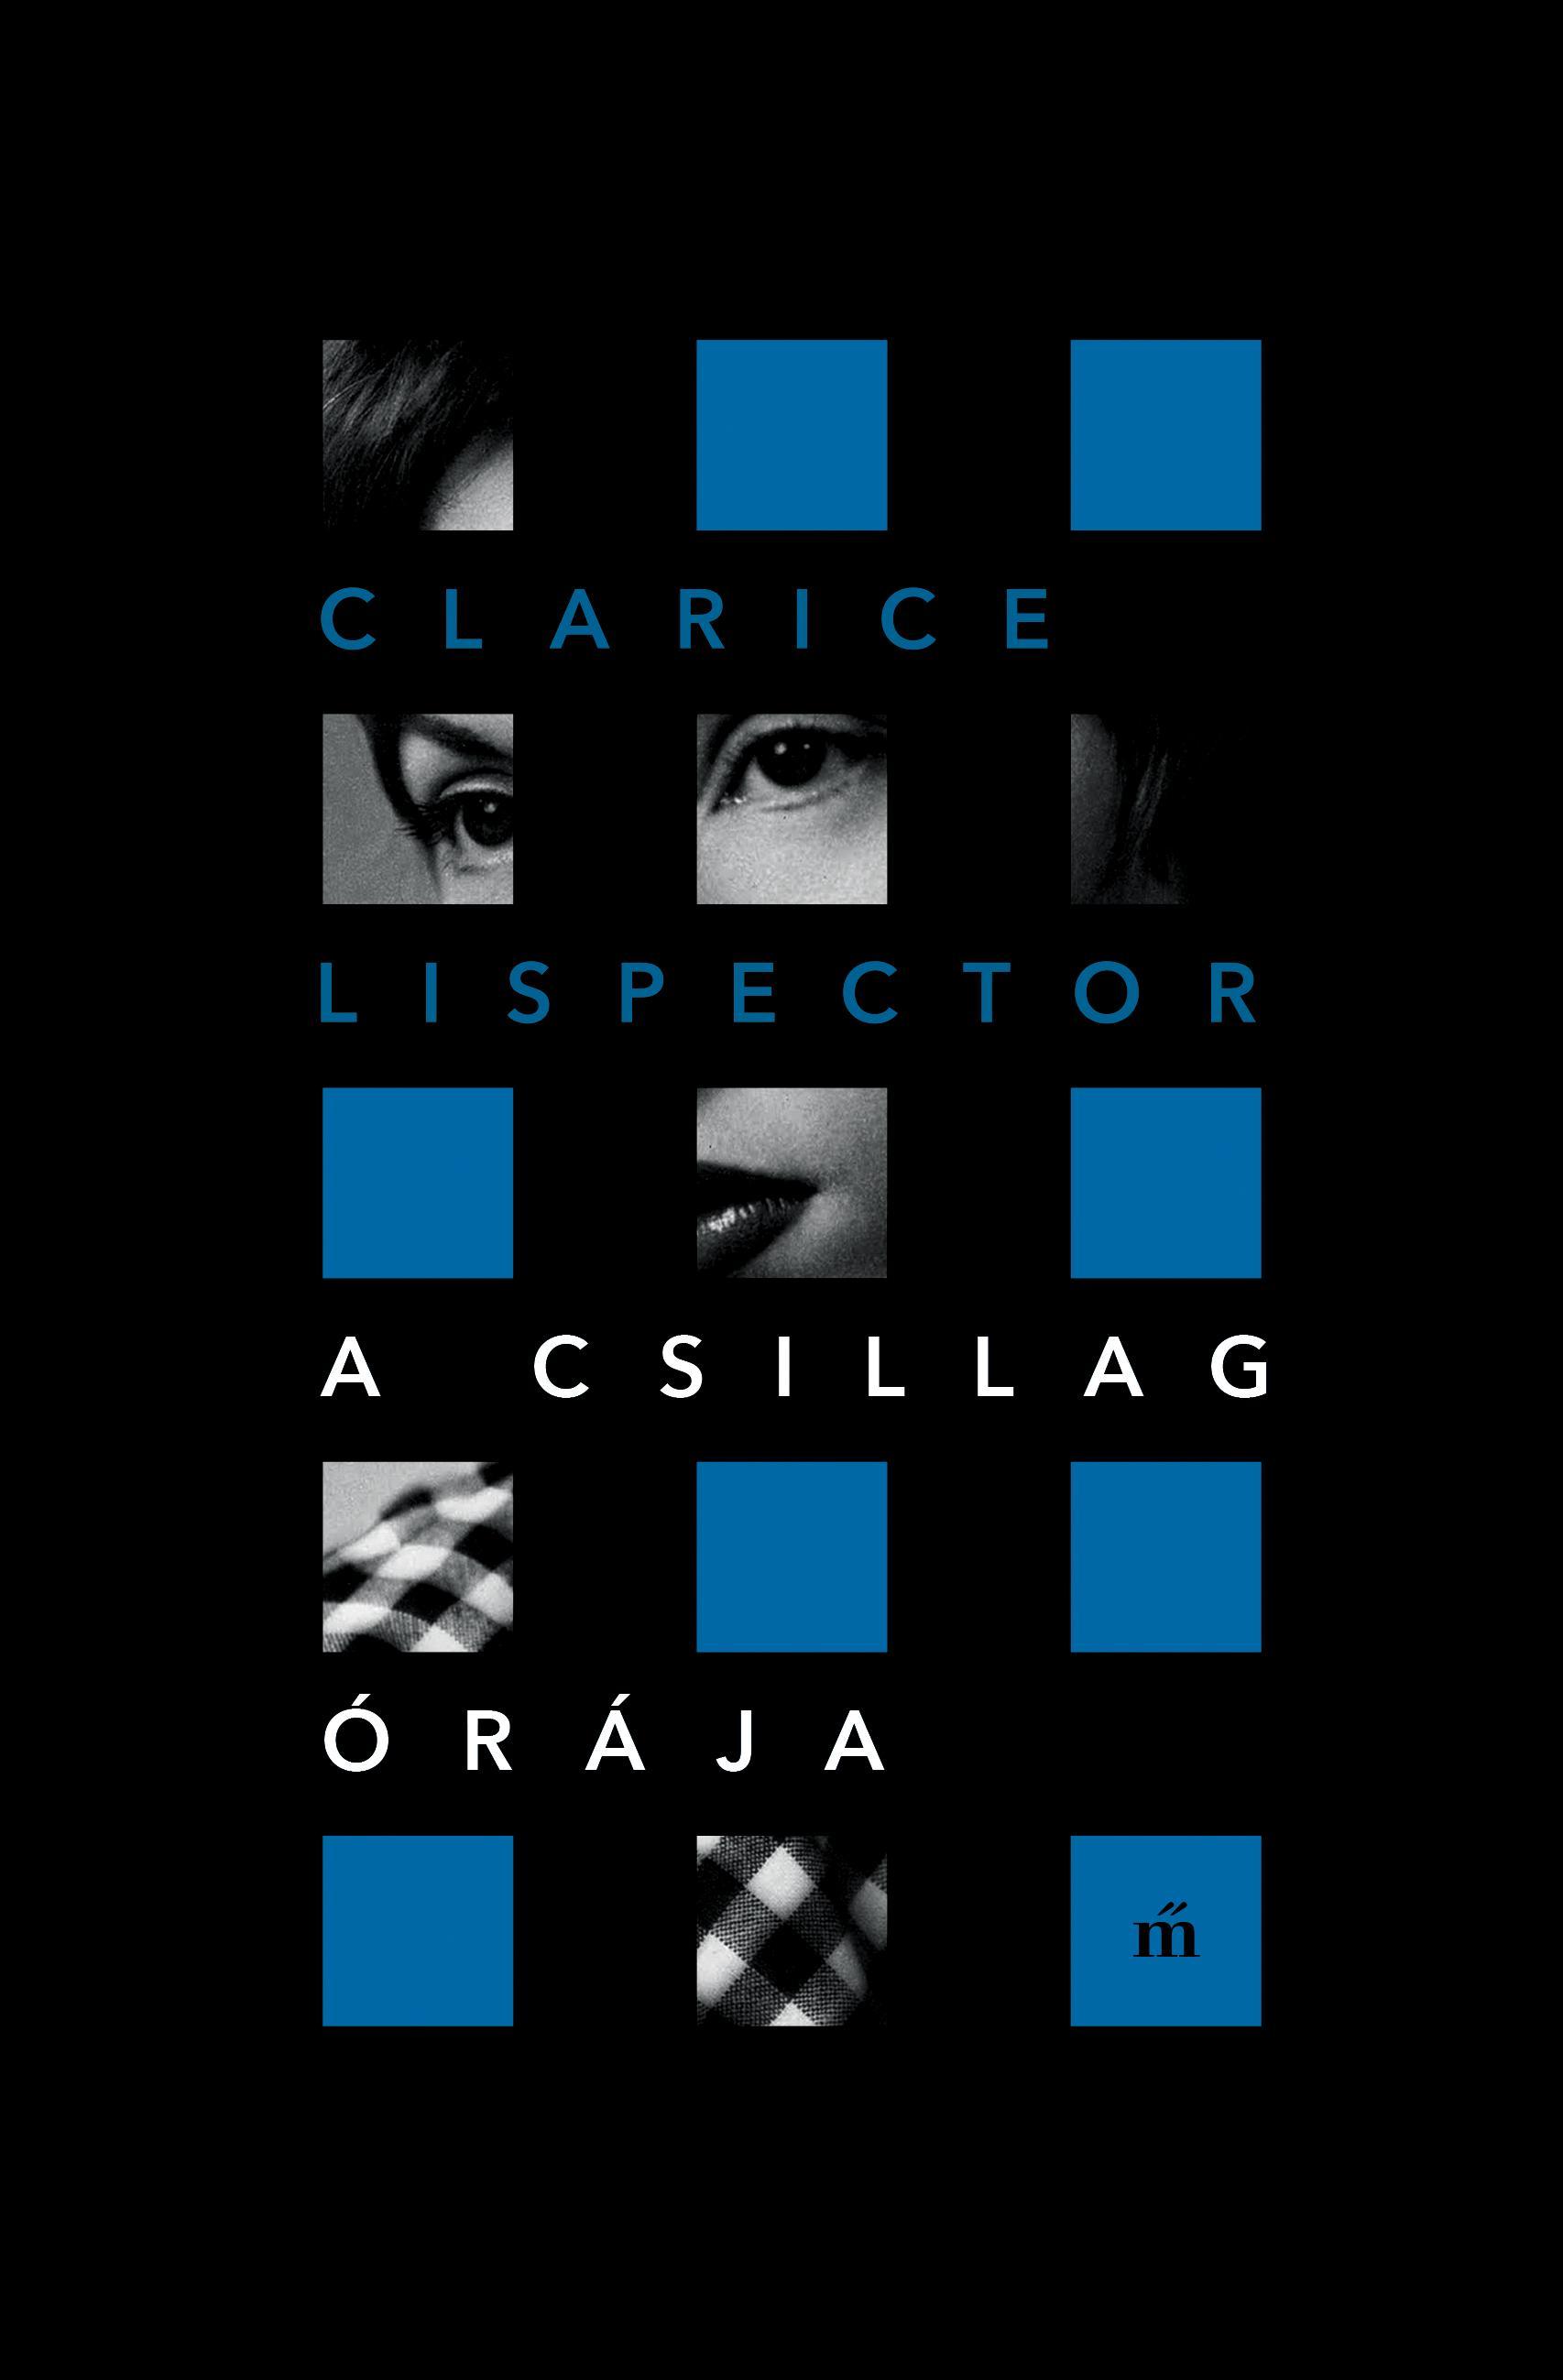 Lispector, Clarice - A csillag órája